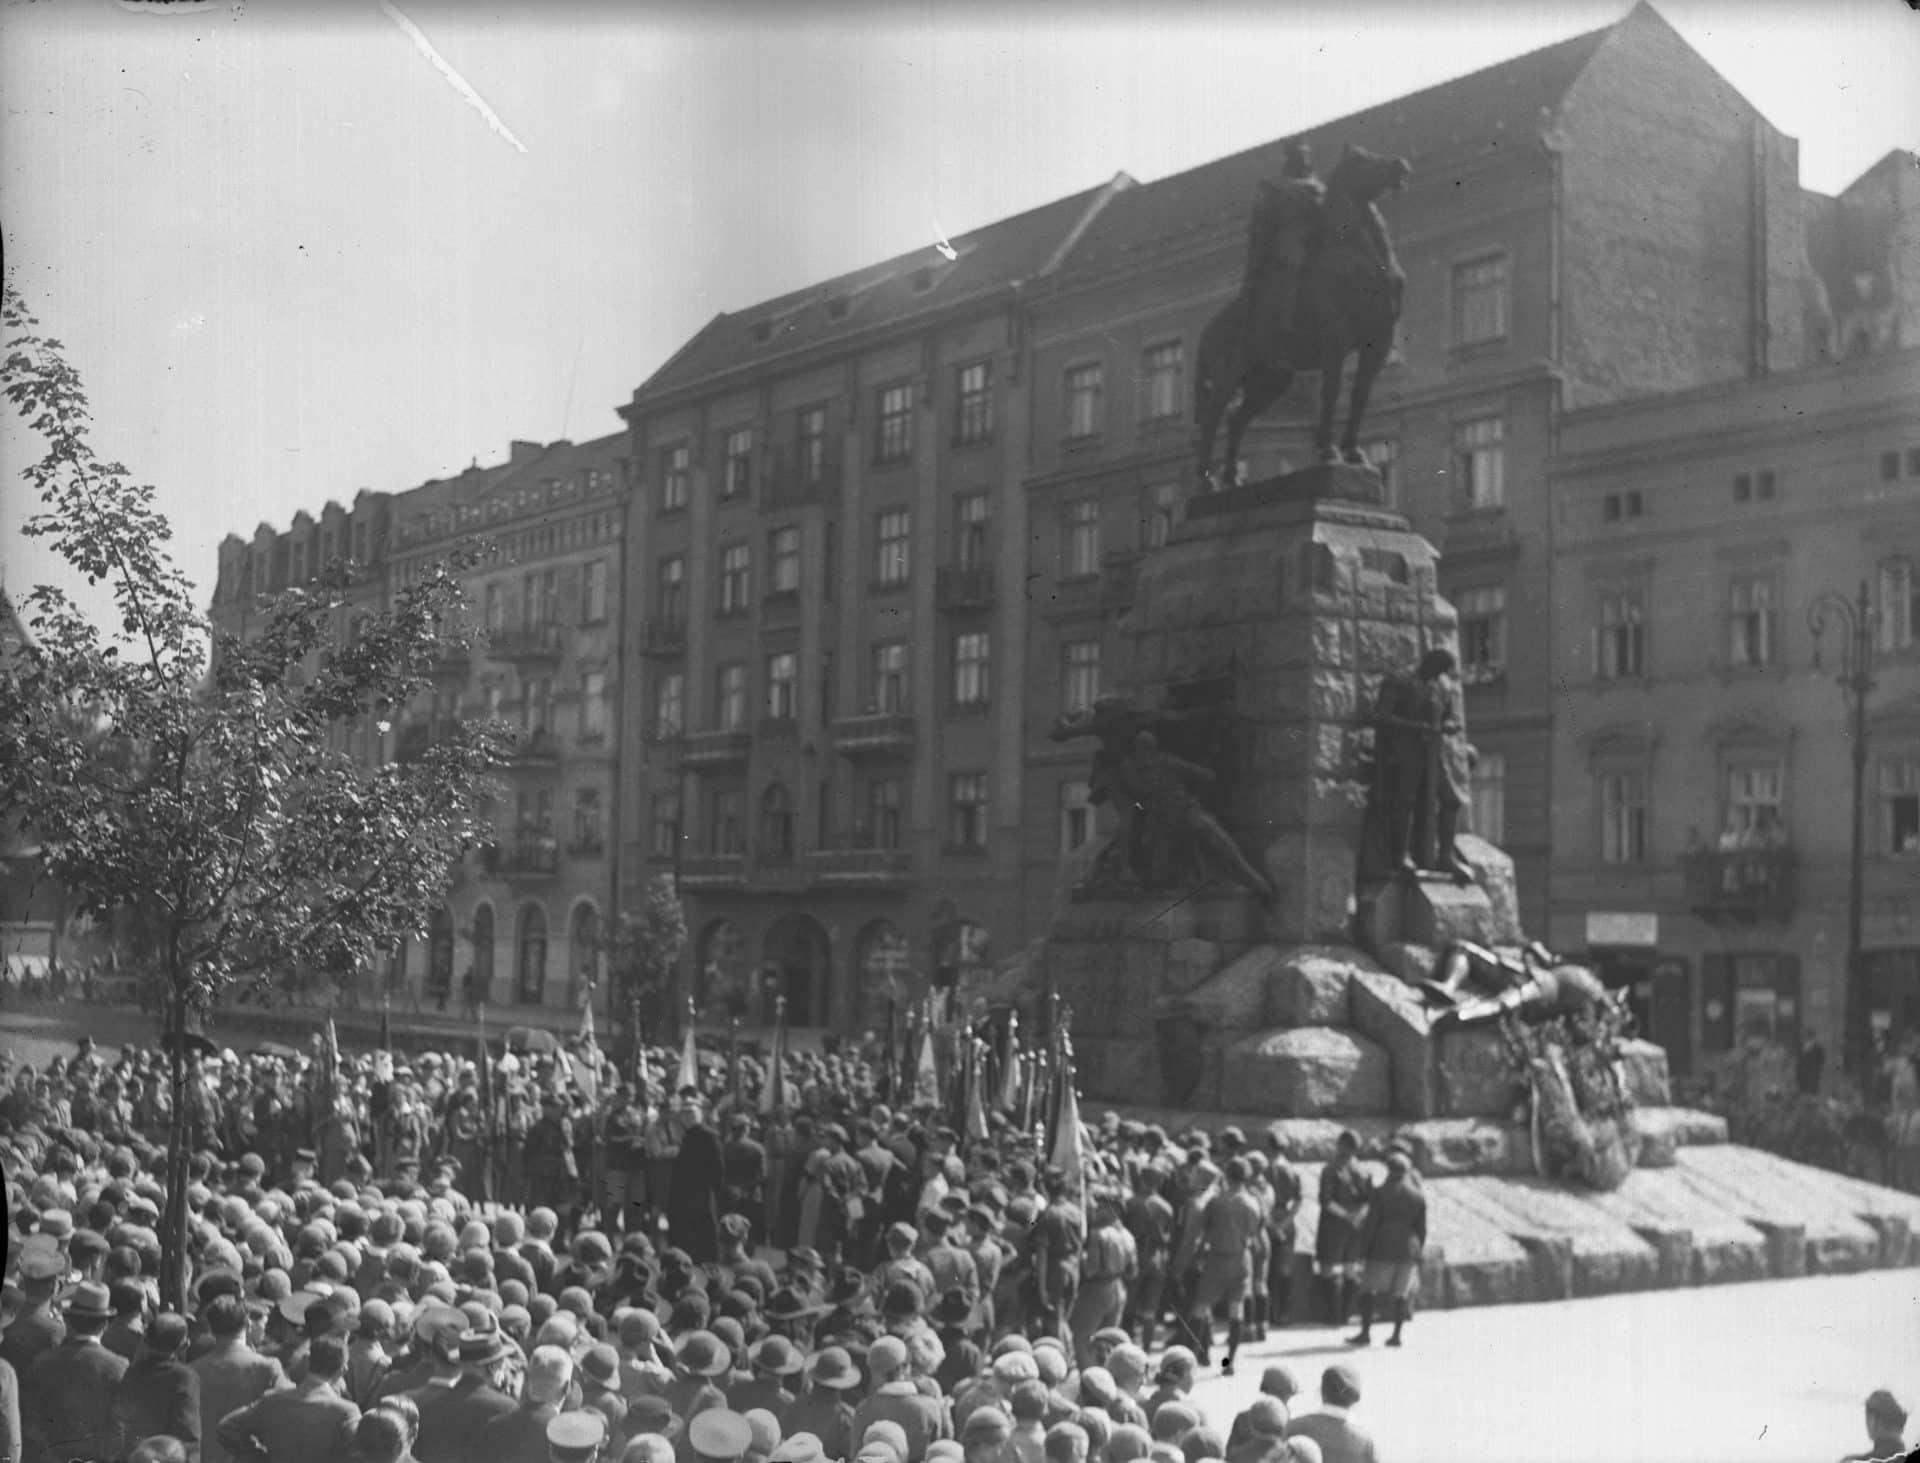 Pomnik Grunwaldzki, którego projektantem był Antoni Wiwulski, a fundatorem Ignacy Paderewsku, był świadkiem wielu uroczystości patriotycznych. Zdjęcie pochodzi z 1935 roku. Źródło: Narodowe Archiwum Cyfrowe.